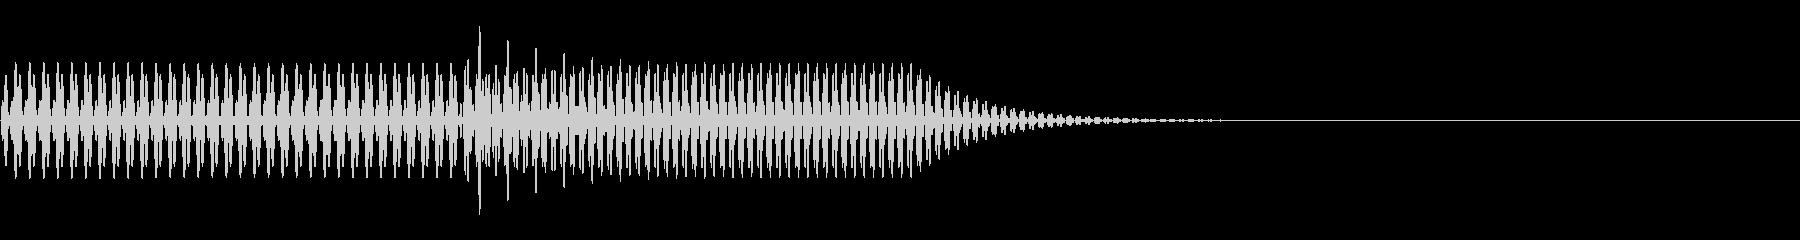 シンプルな起動音:アプリやガジェットなどの未再生の波形